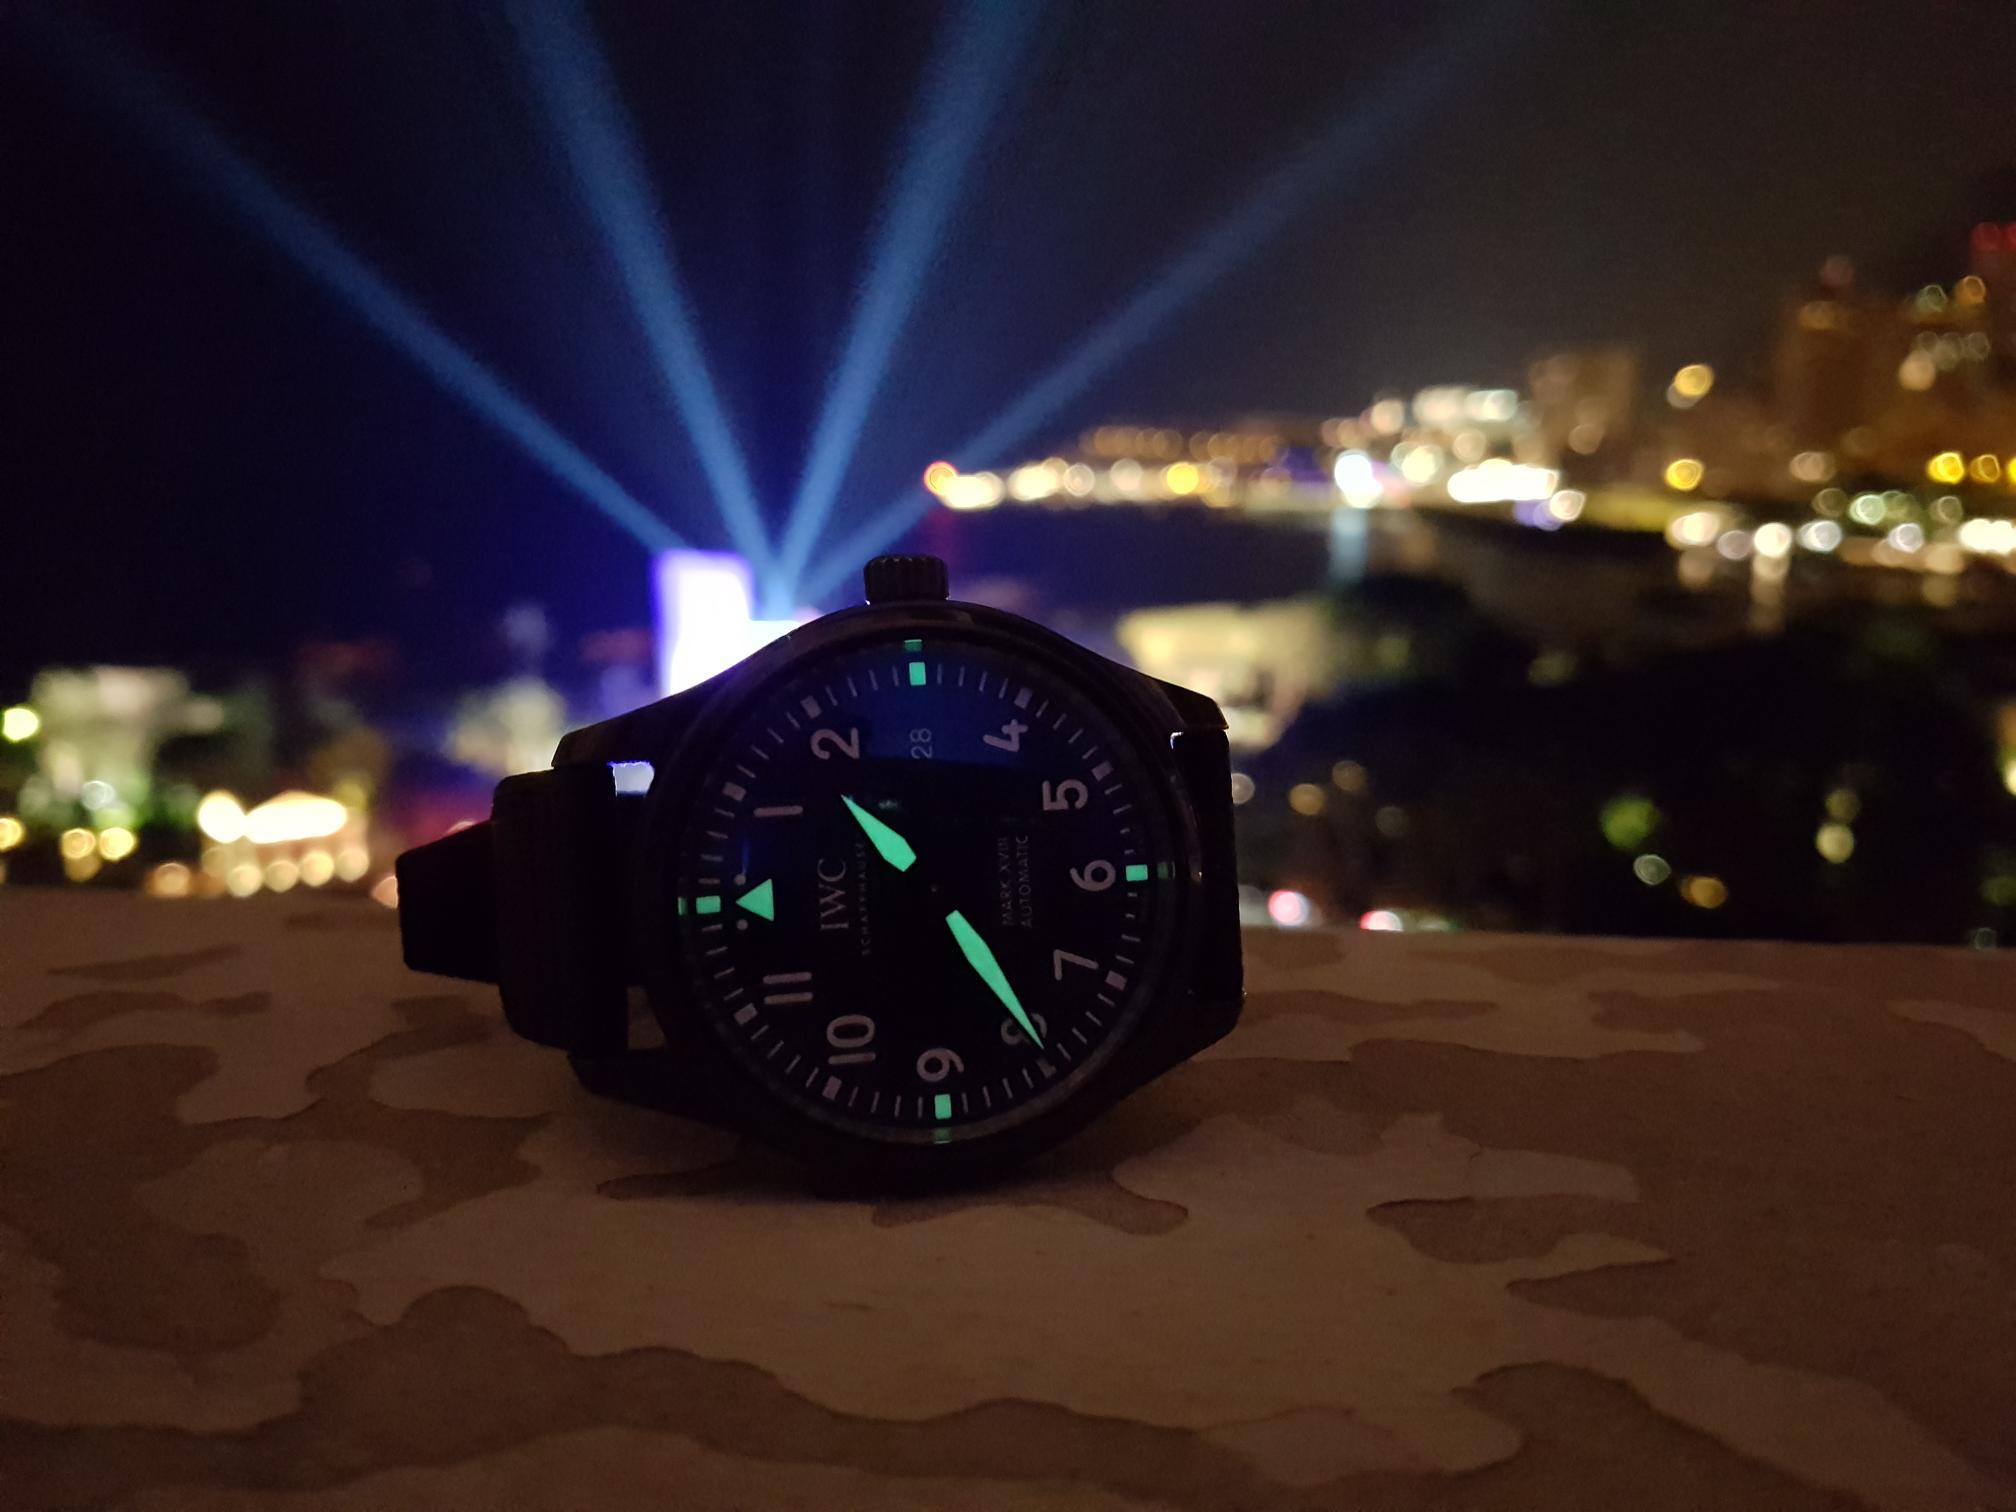 De lichten van het Laureus World Sports Gala op de achtergrond en die van de Mark XVIII op de voorgrond